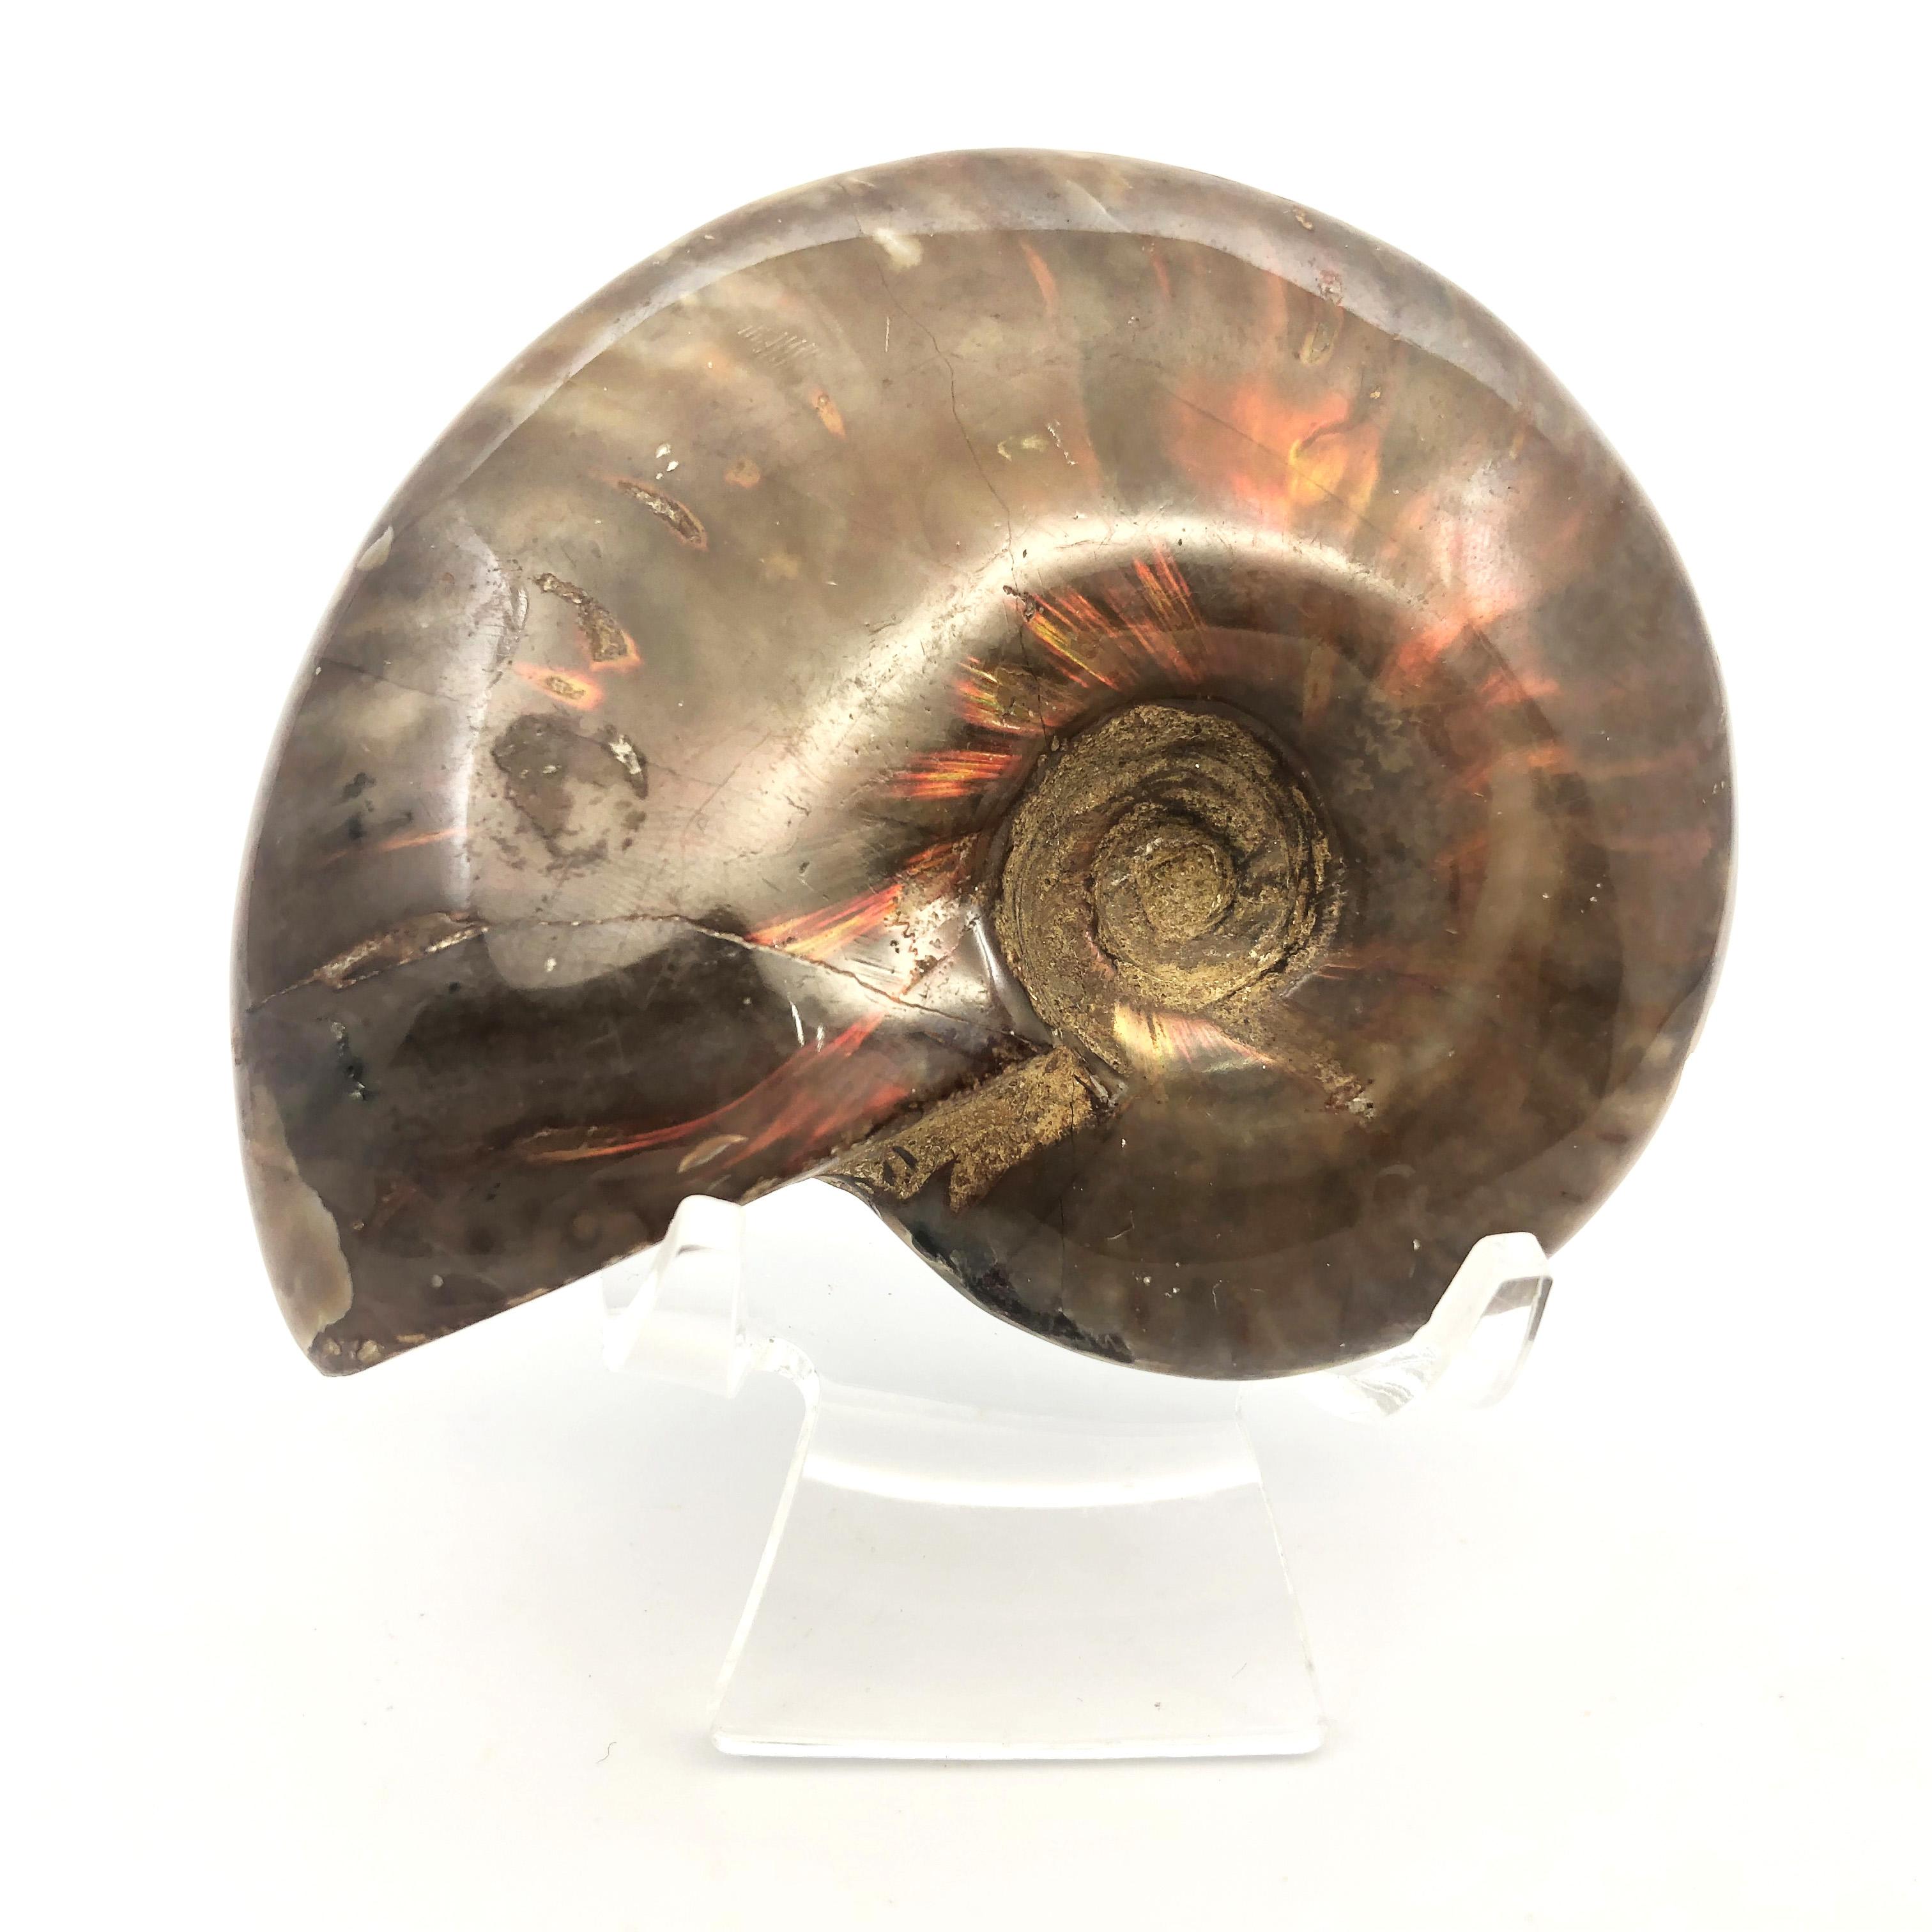 圖示-彩斑菊石化石(Ammonoidea)